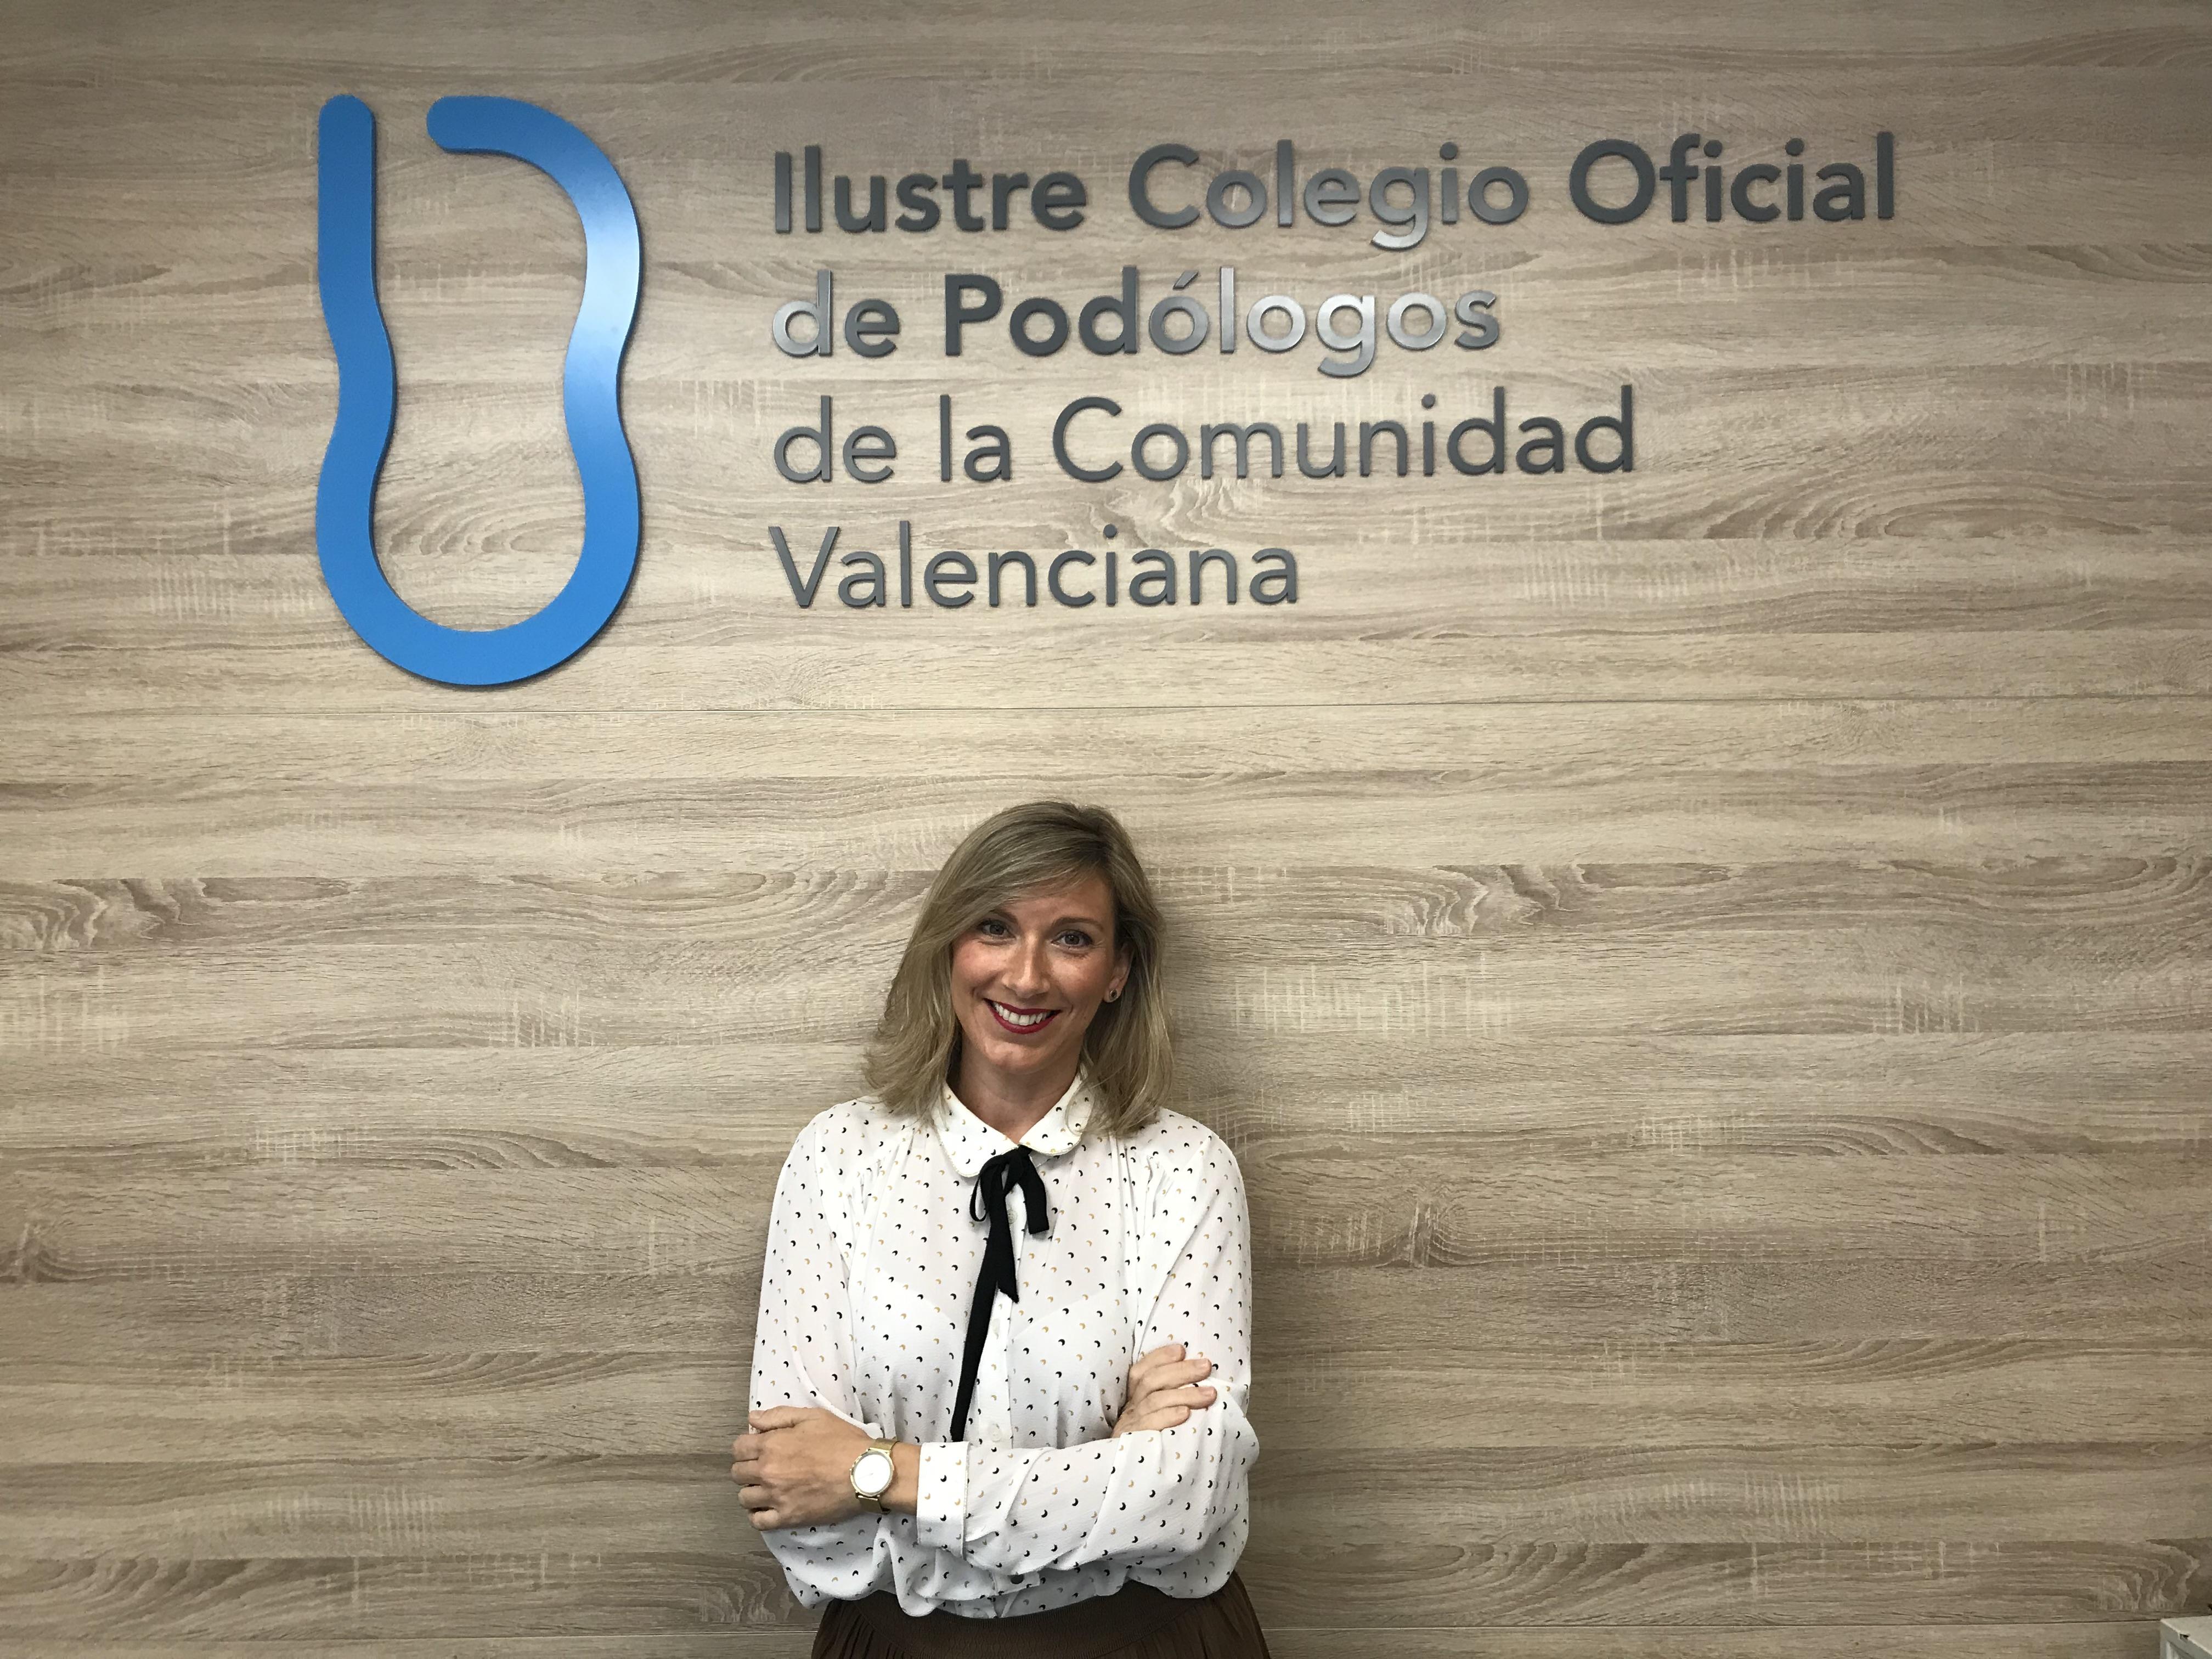 Dª Estefanía Soriano Pellicer